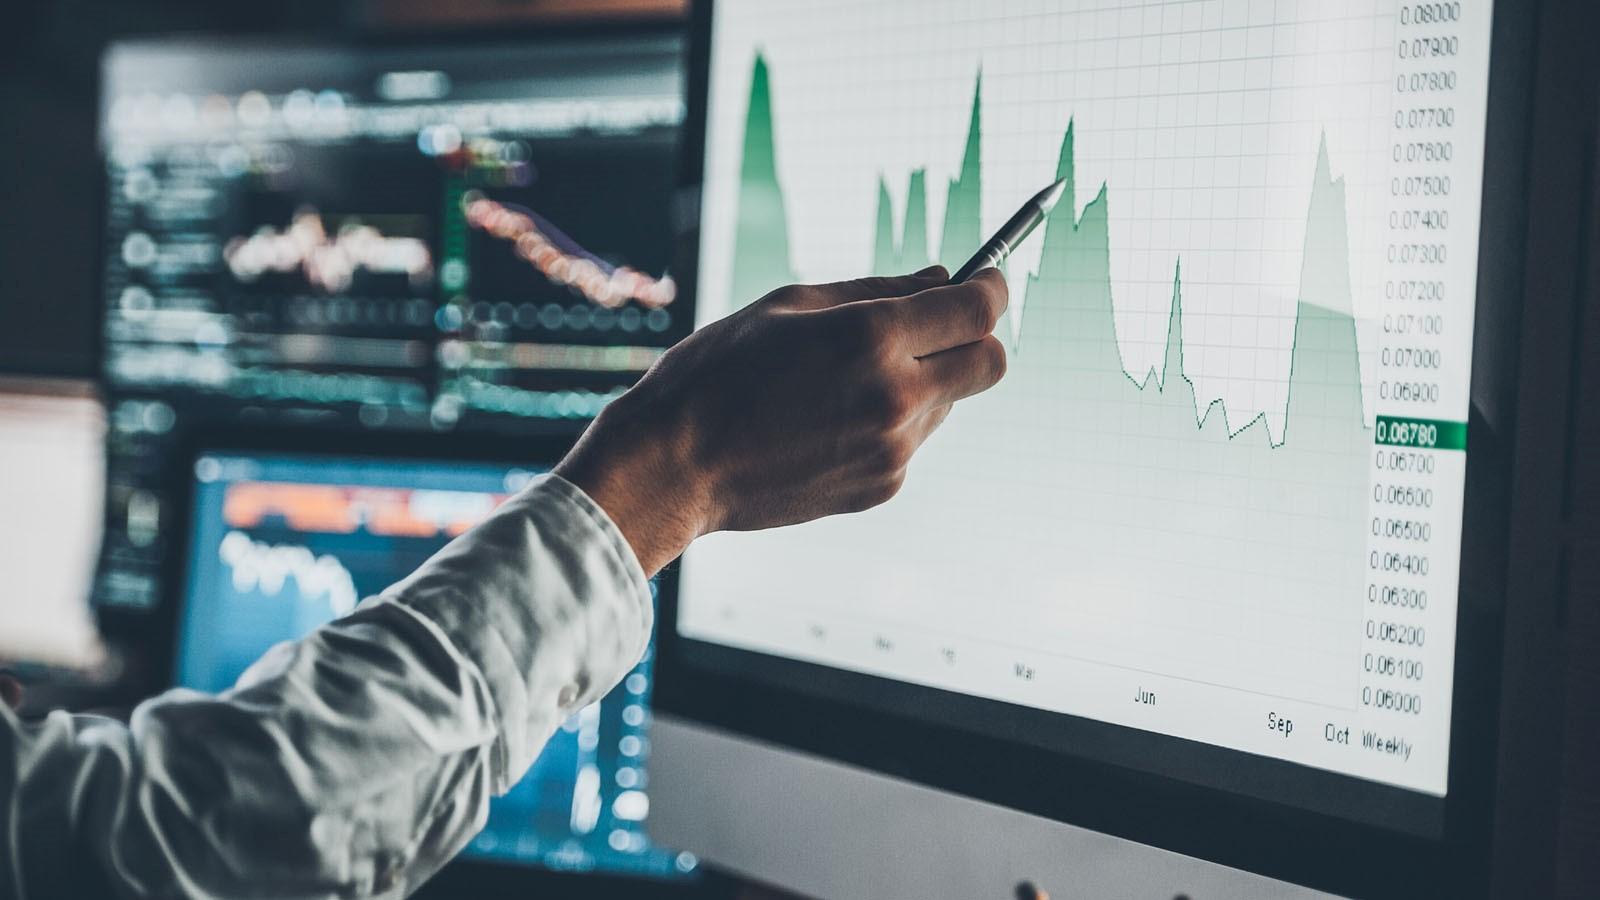 SPDR MSCI Europe Value UCITS ETF (ZPRW ETF) är en europeisk ETF som satsar på europeiska värdeaktier. Fondens investeringsmål är att spåra utvecklingen för europeiska aktier med en högre viktning mot aktier som har låga värderingsegenskaper.